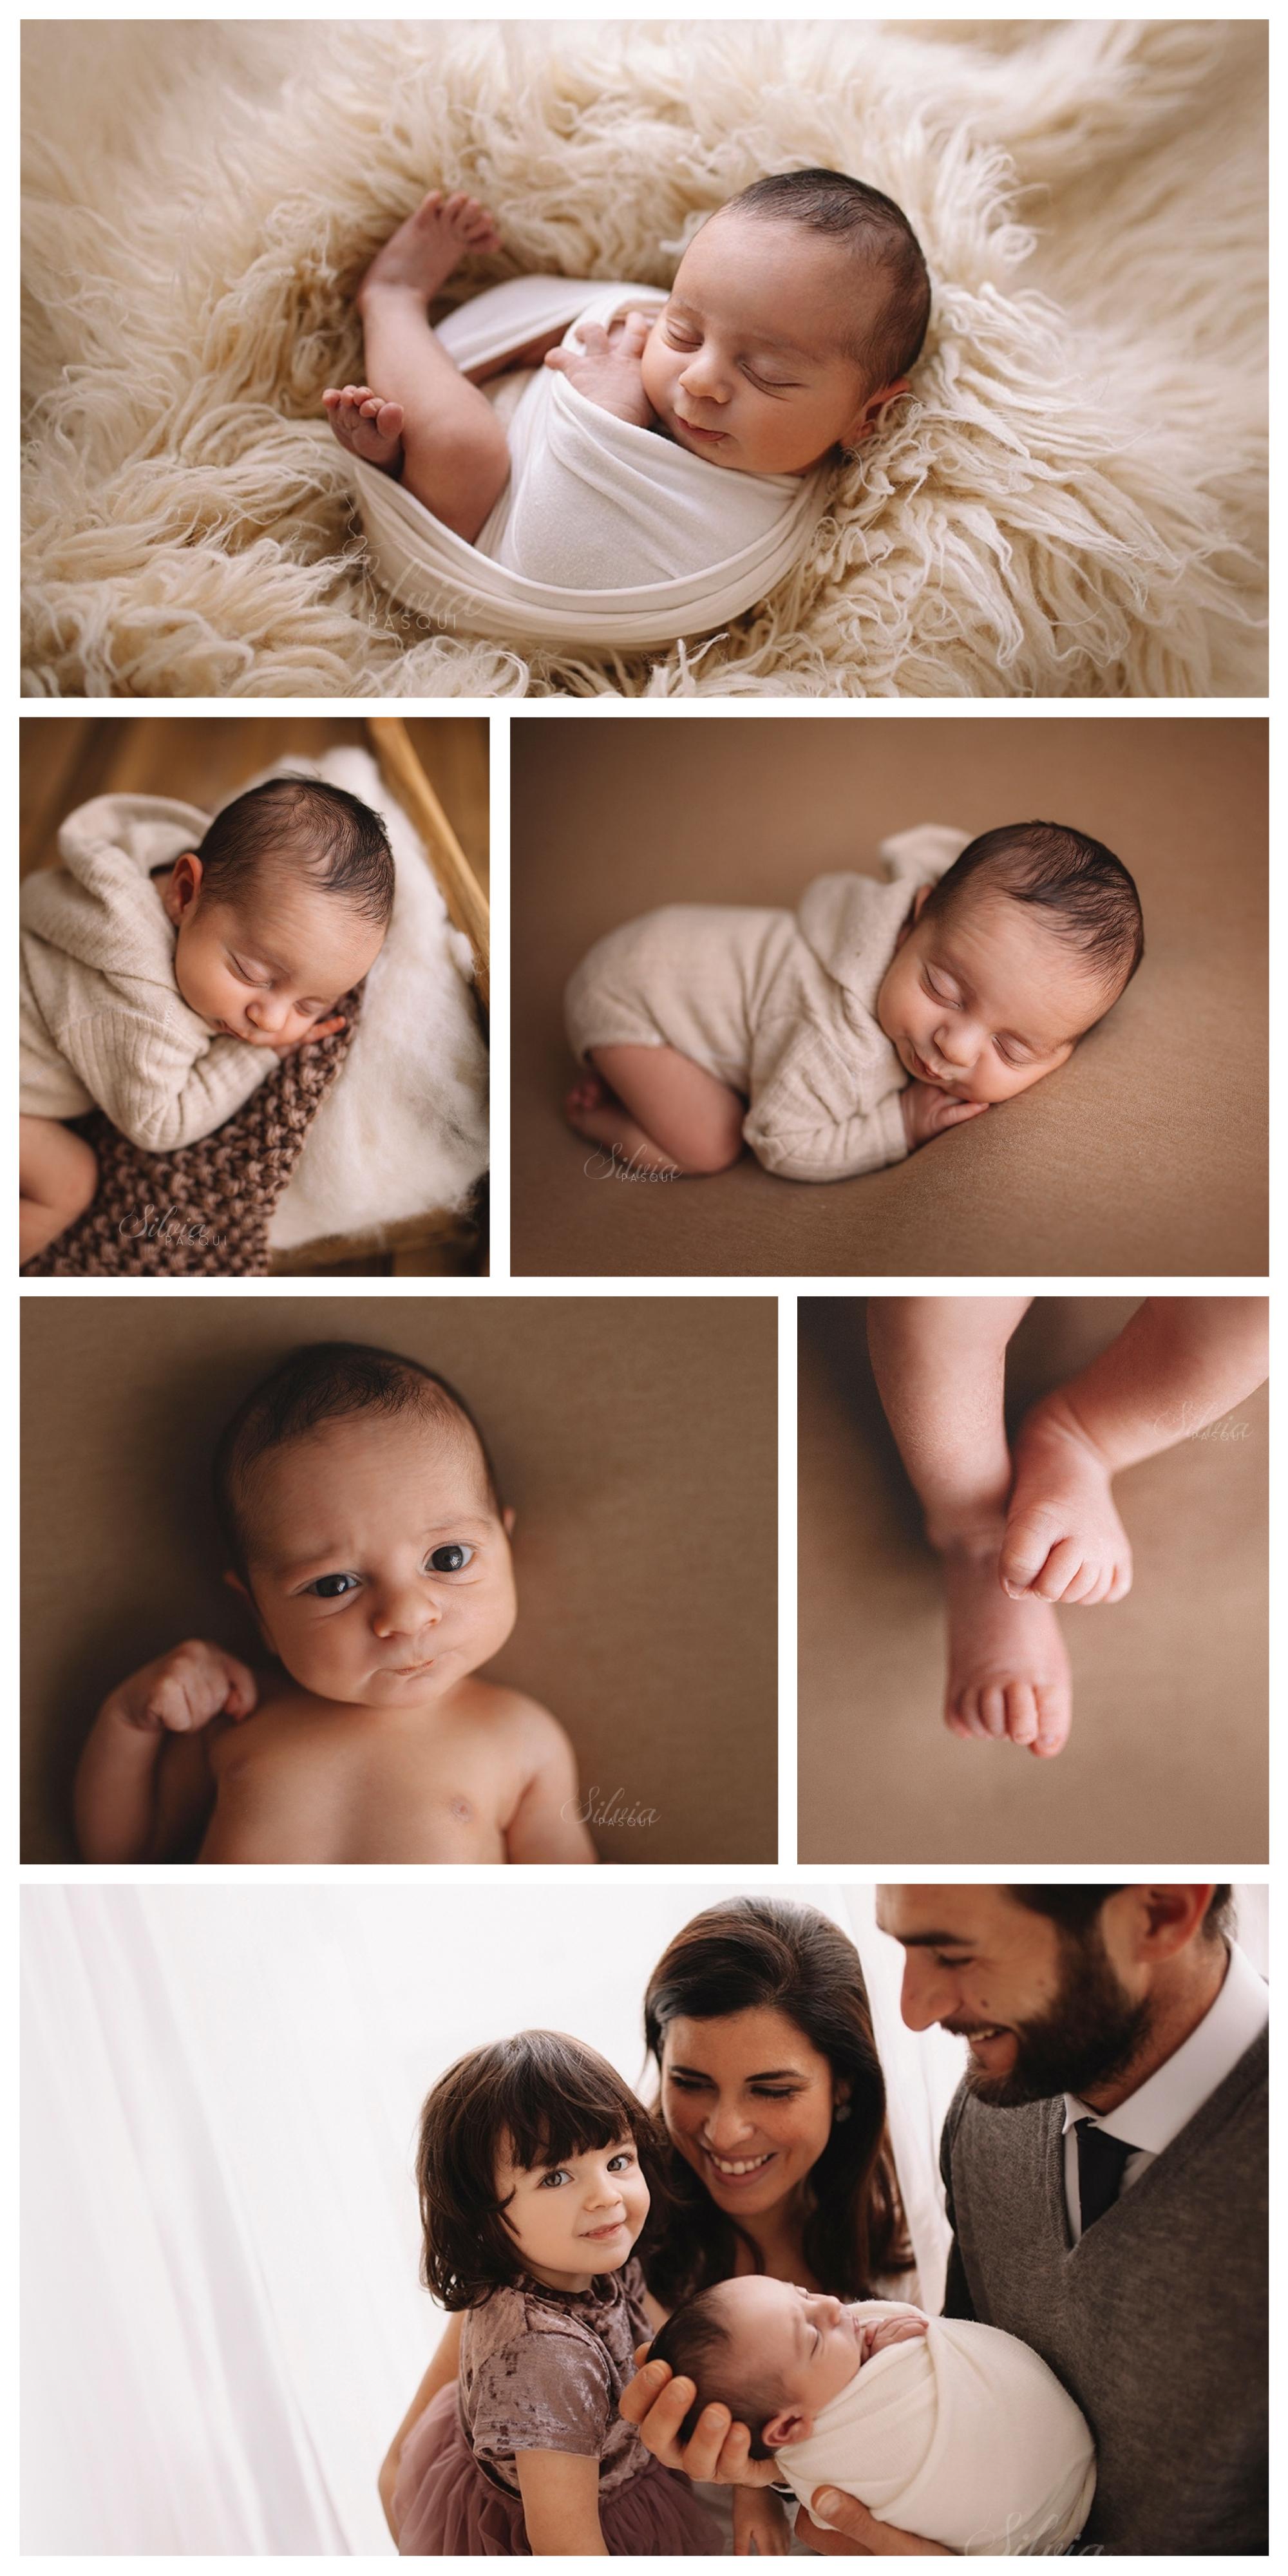 famiglia neonato fotografo